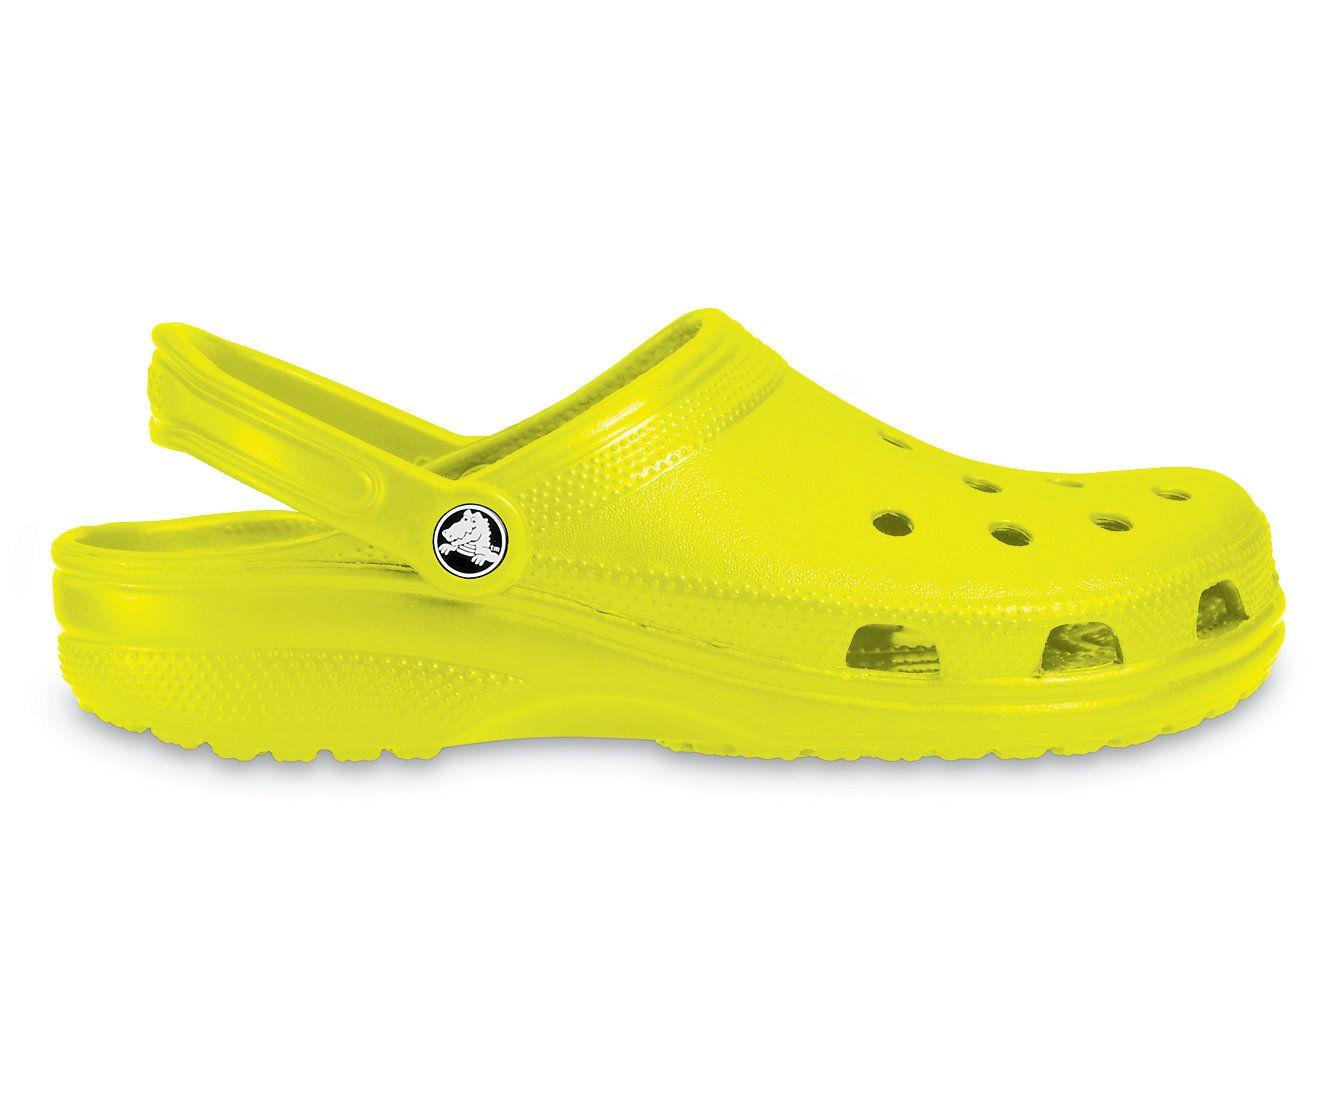 Classic Crocs Classic Crocs Clogs